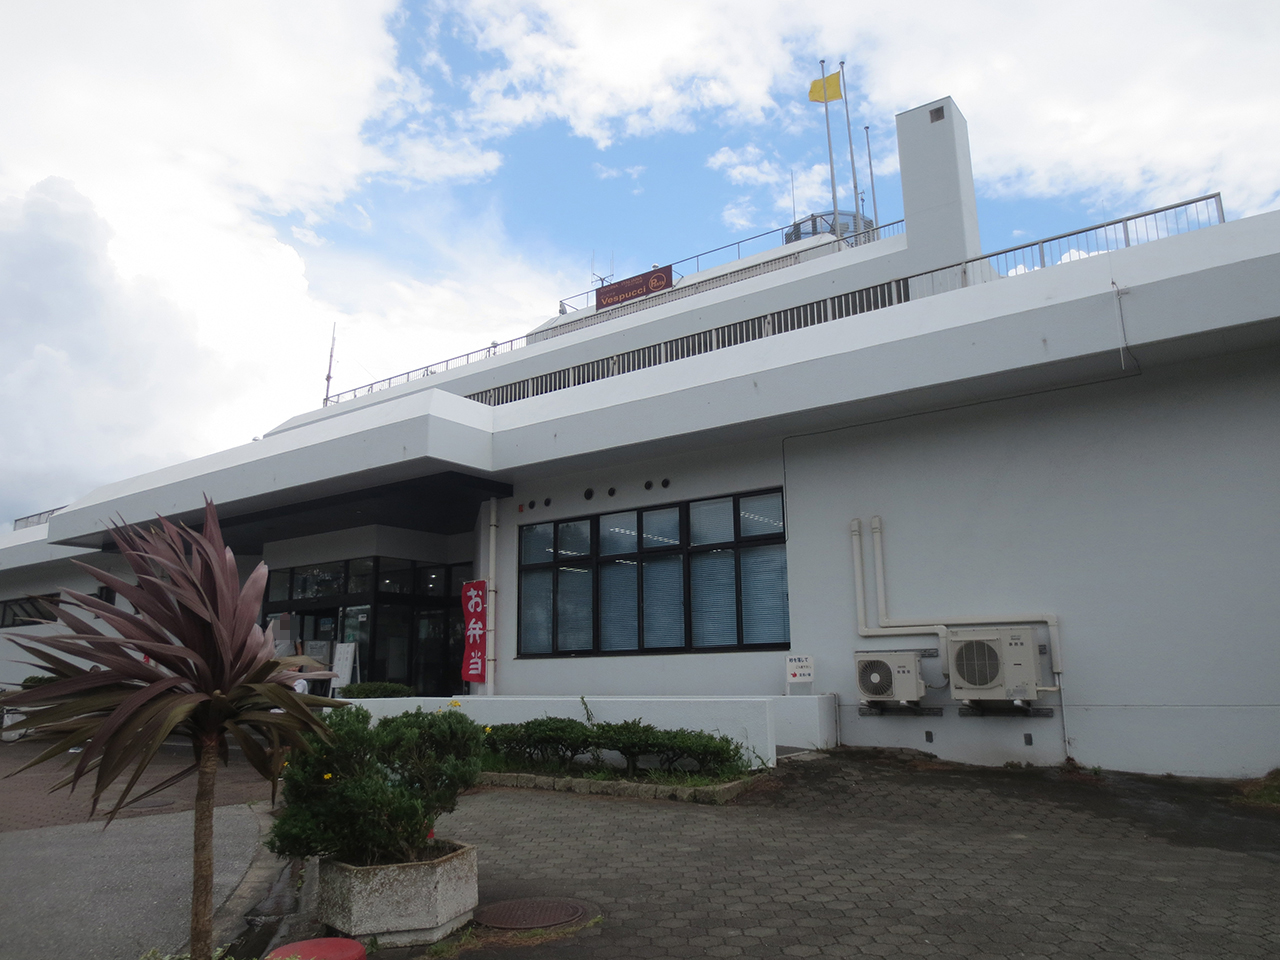 ヨットハーバー管理棟の写真